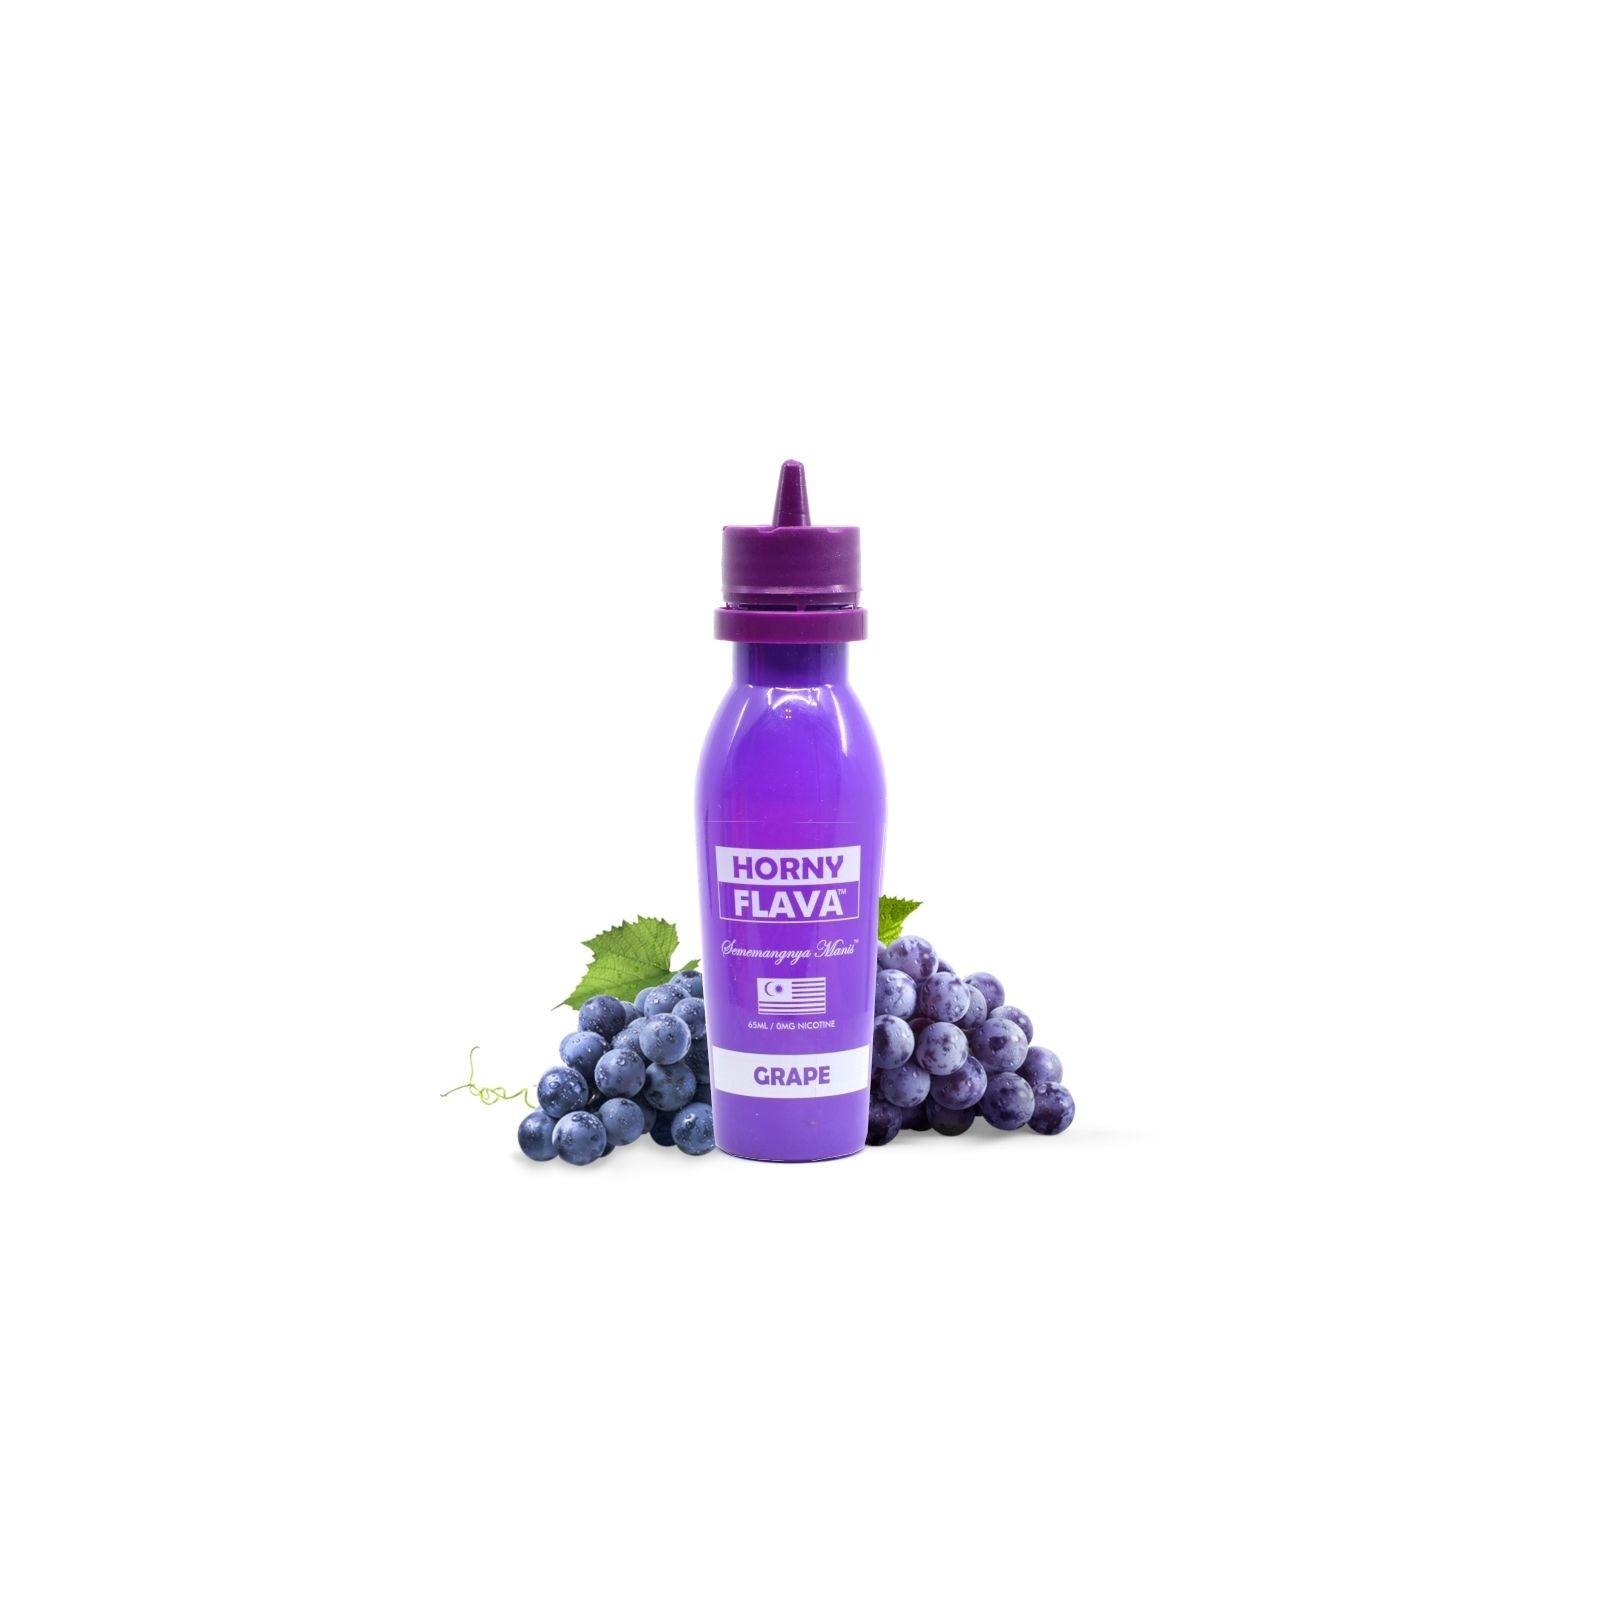 Grape - Horny Flava